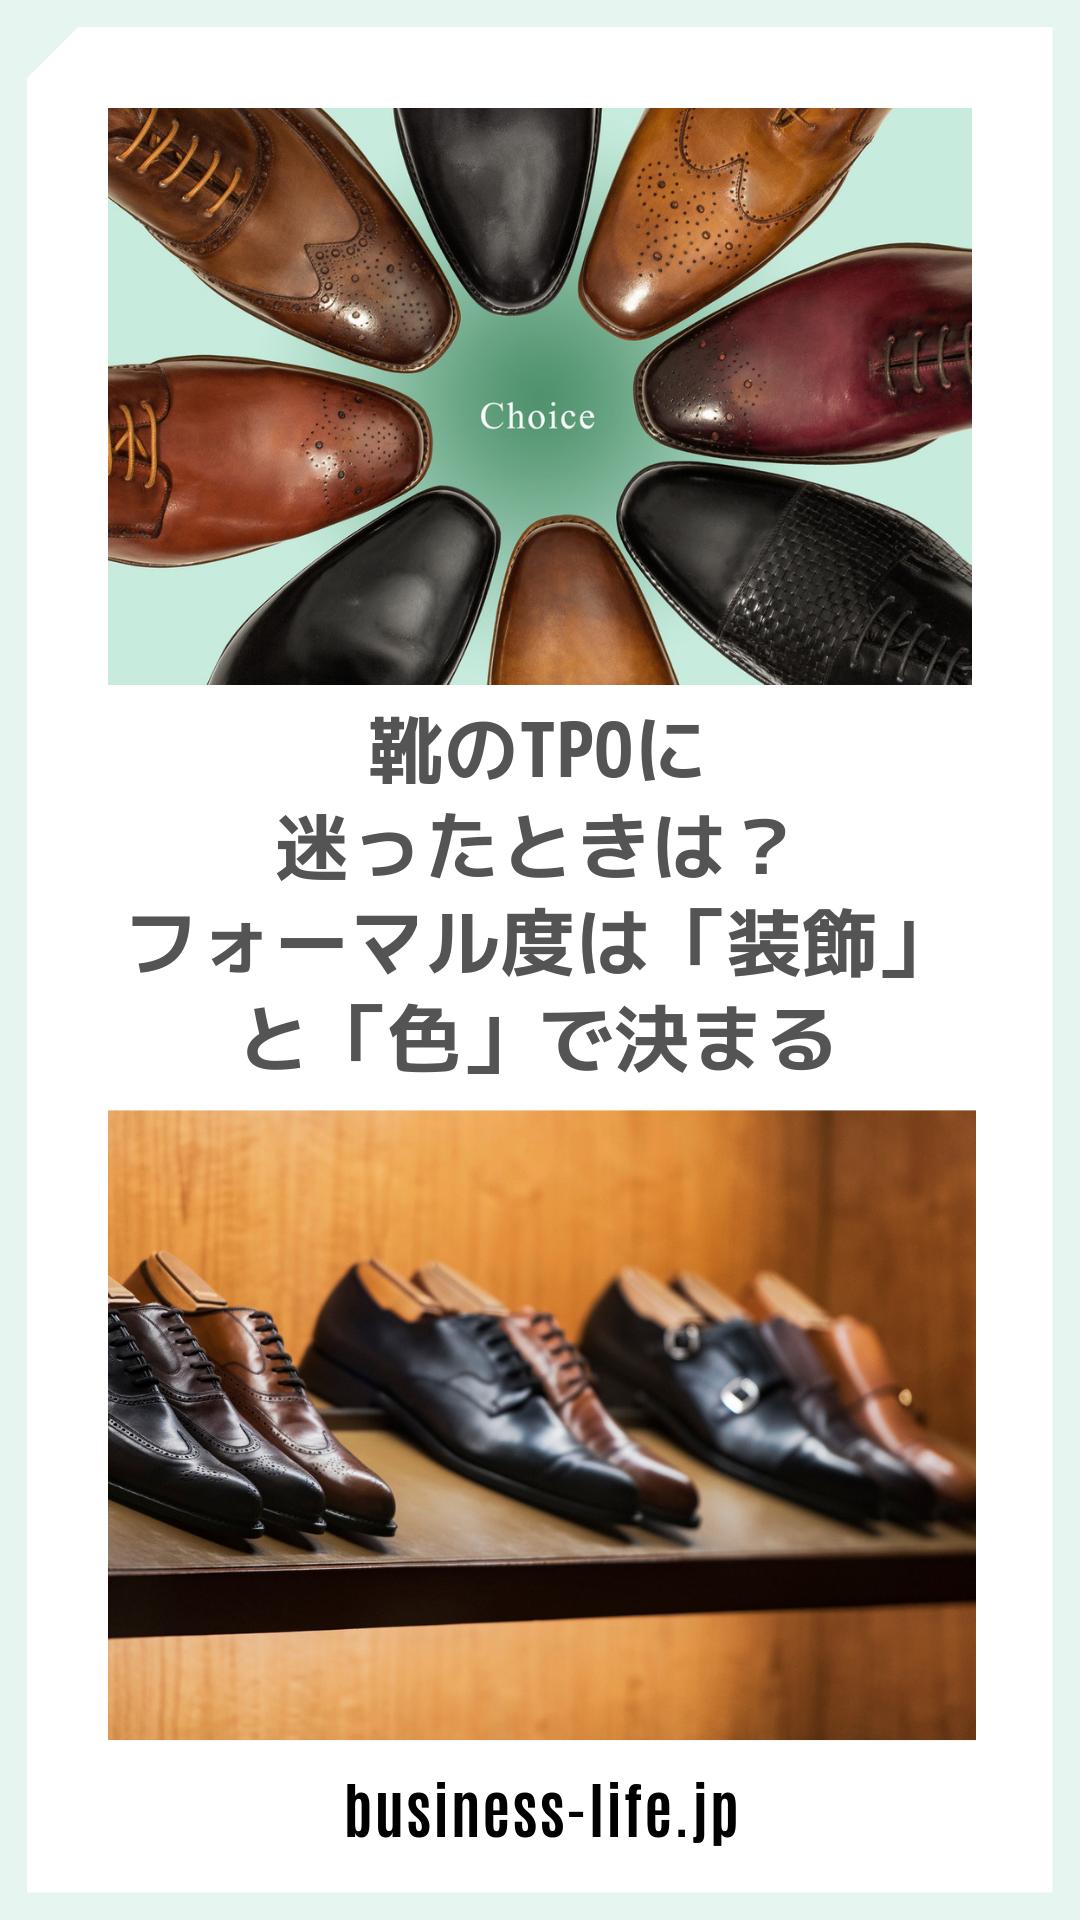 靴のTPOを考える上でポイントとなるのは「フォーマル度」です